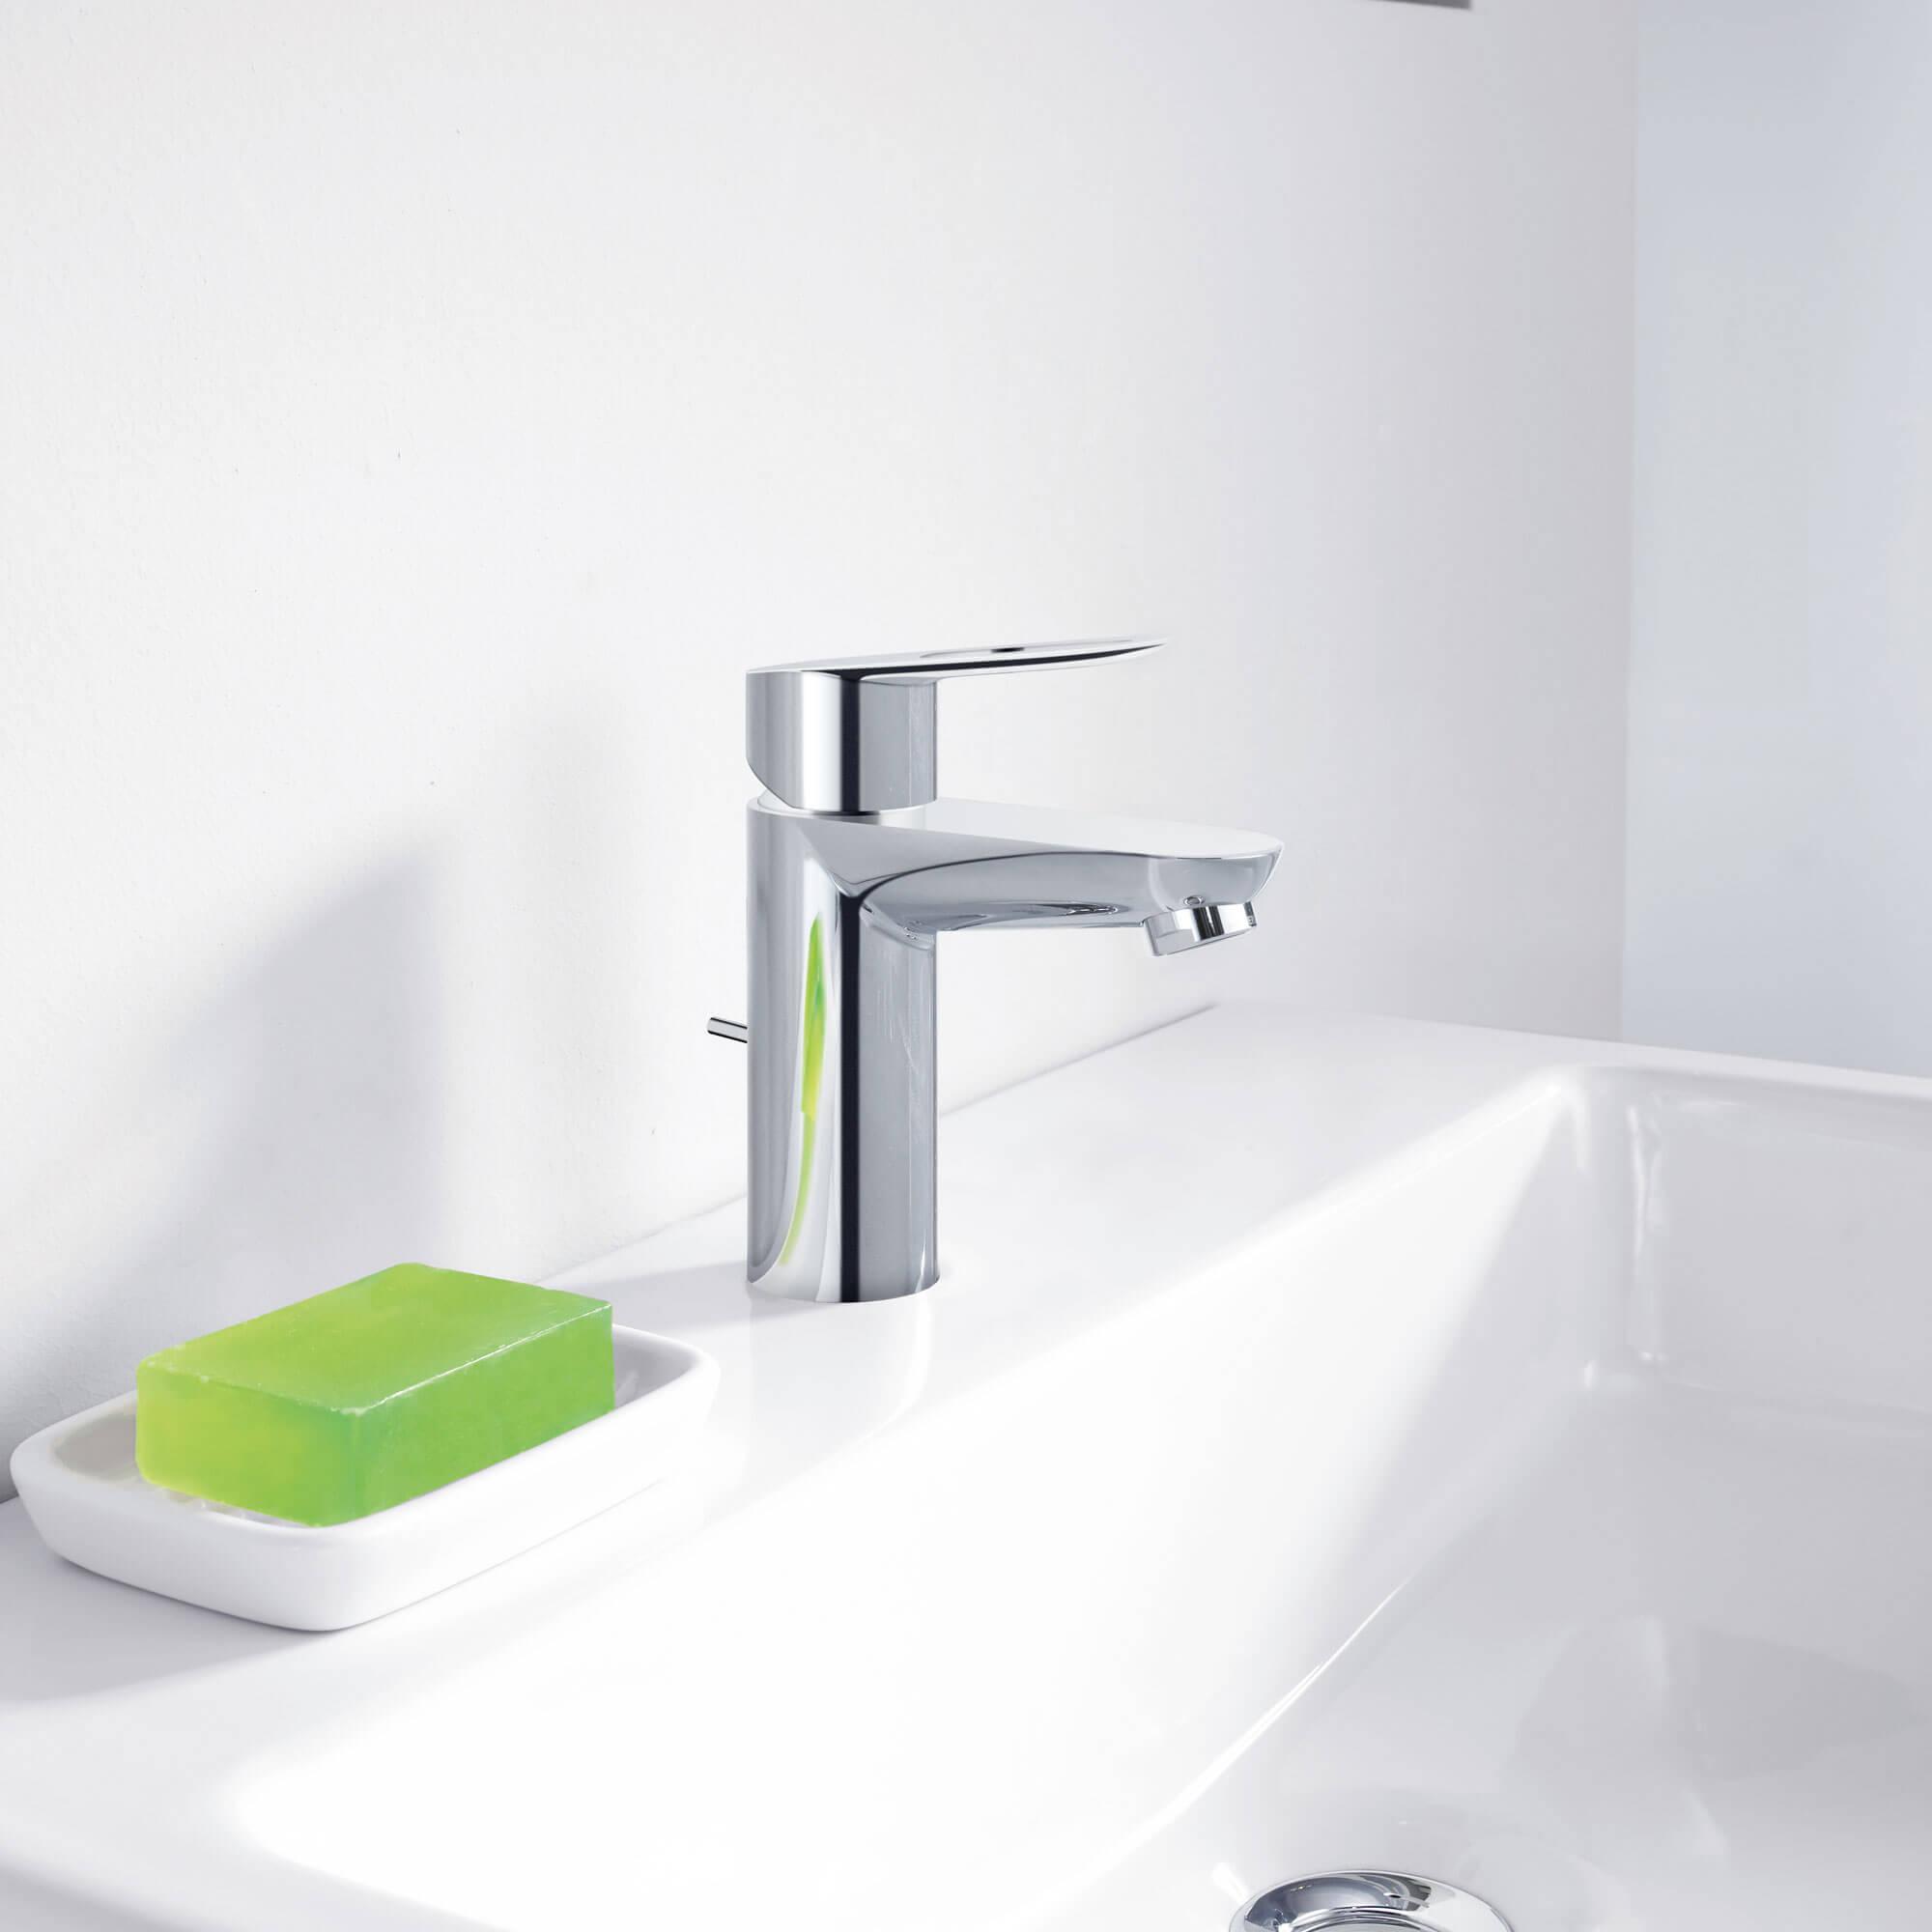 Robinet de lavabo Bauloop de Grohe